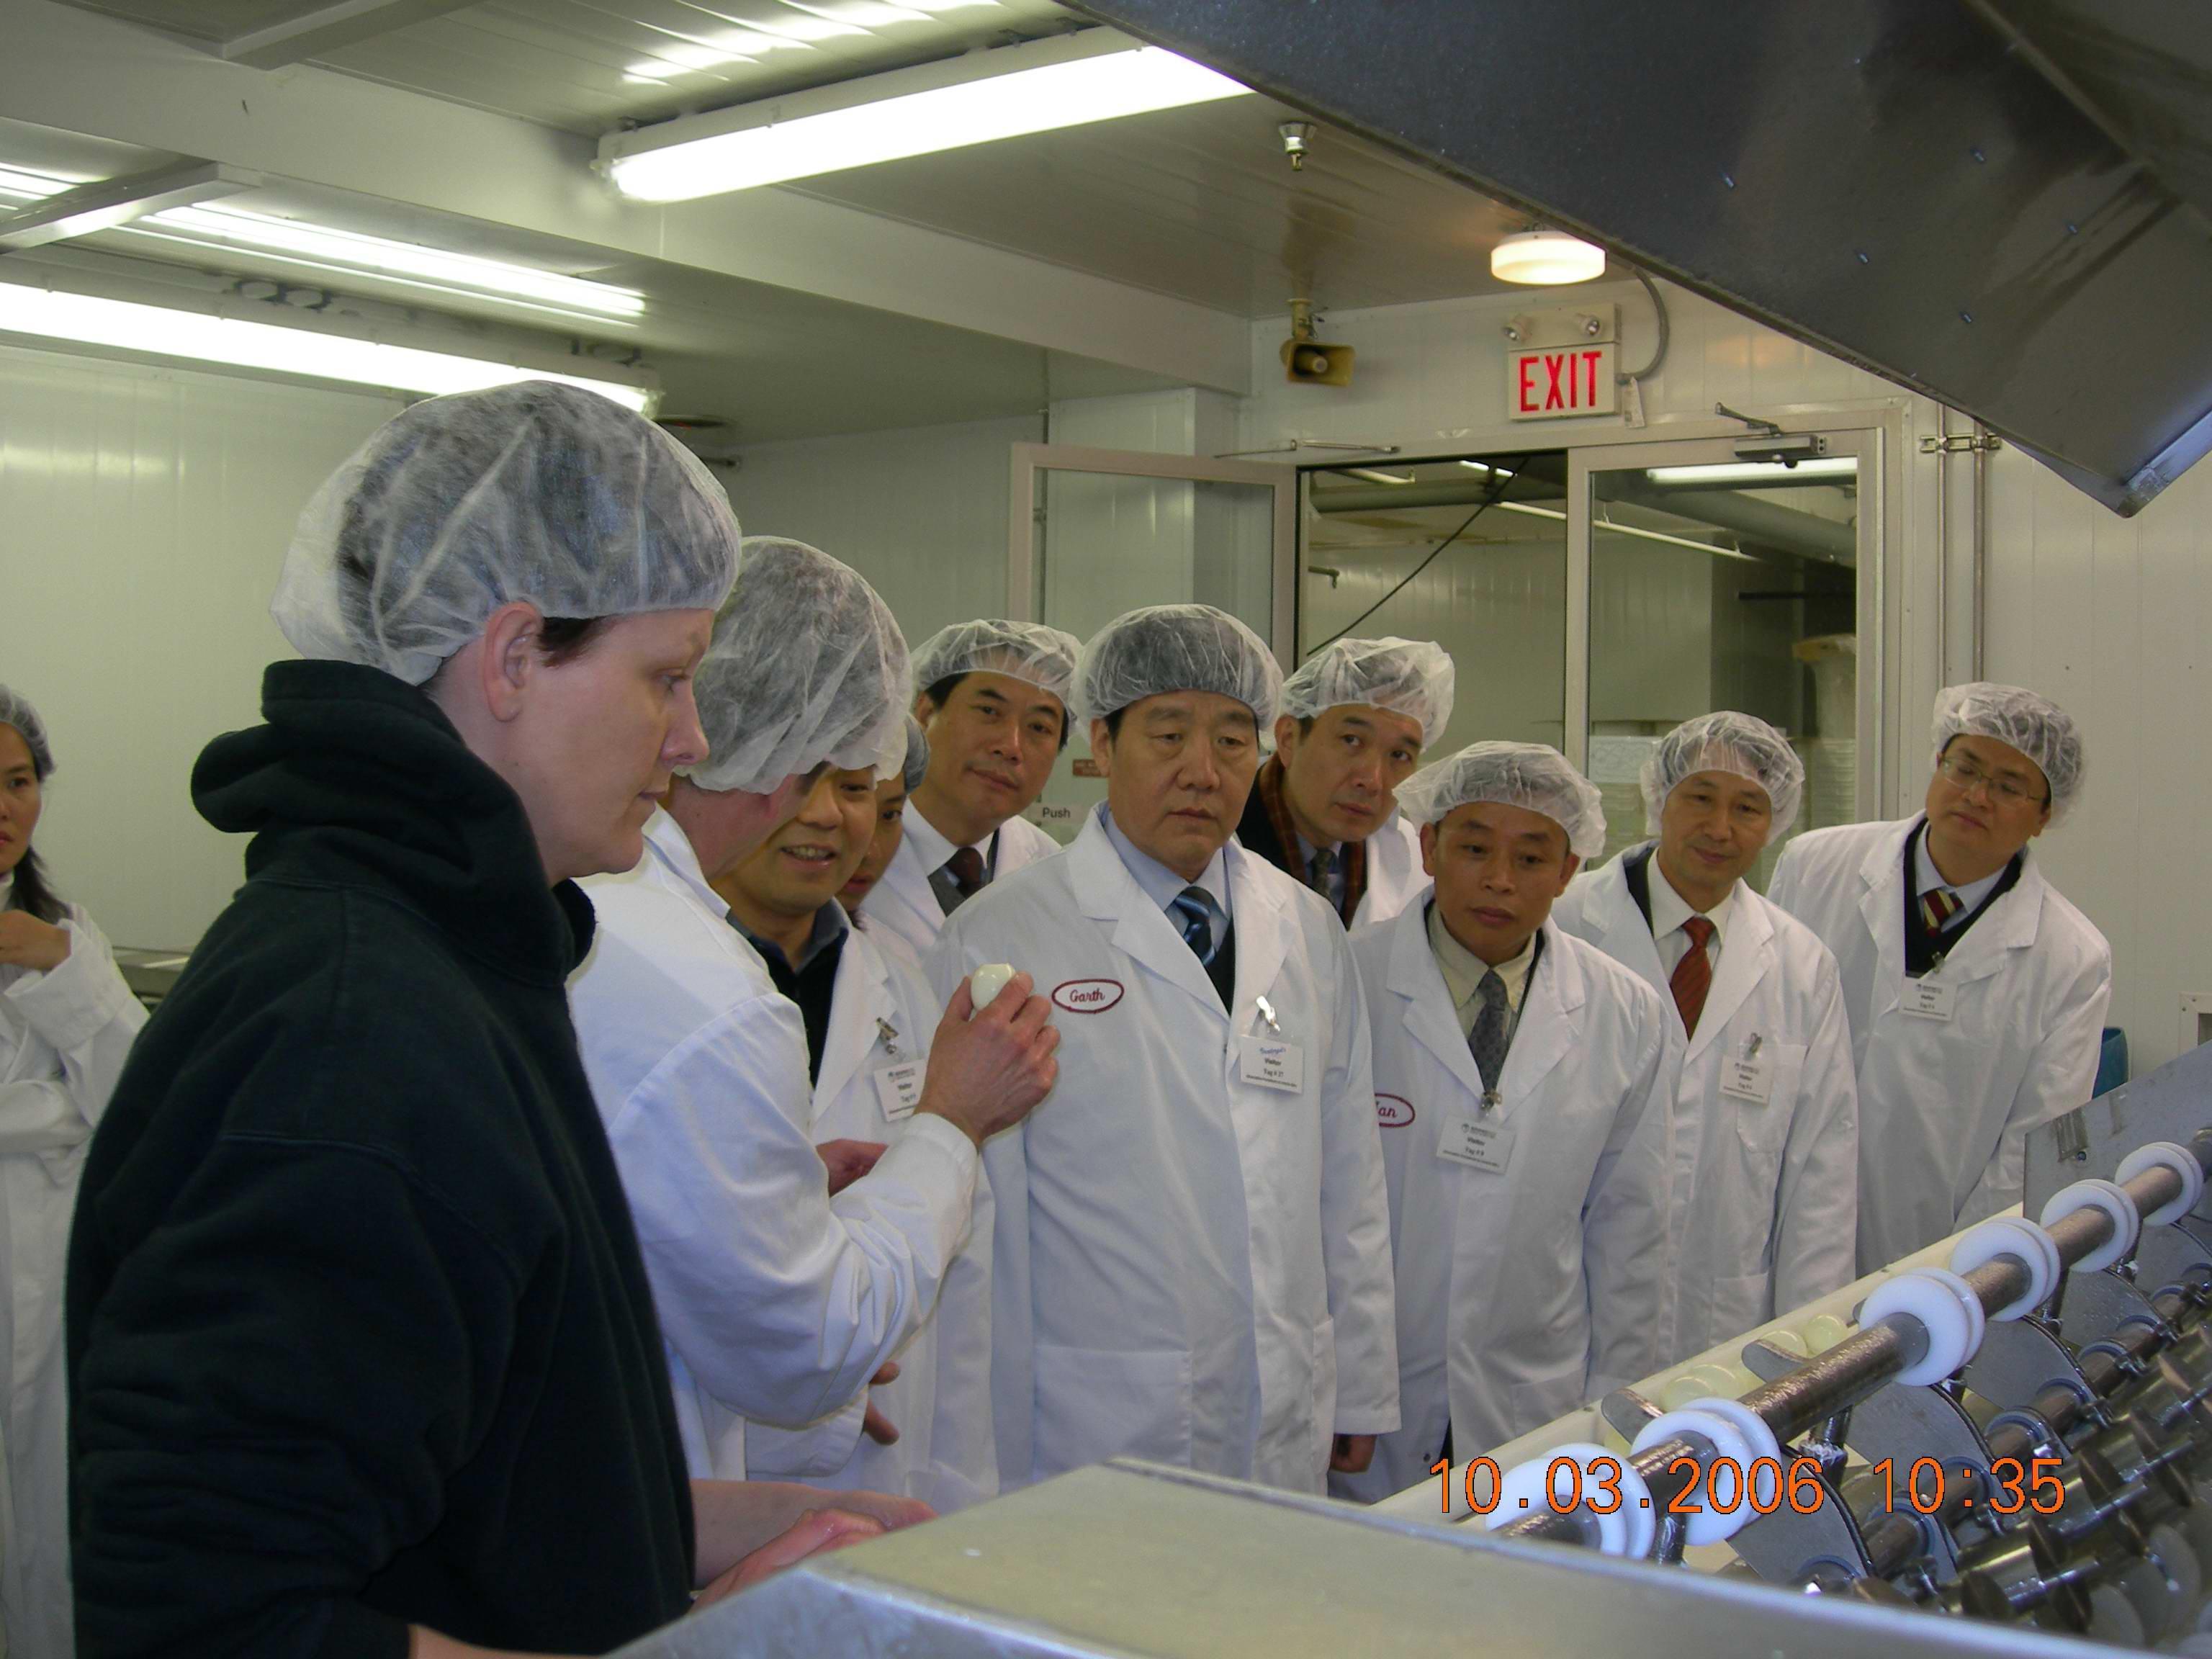 2006.03.10自治區政協主席馬鐵山帶隊在加拿大考察所合作項目